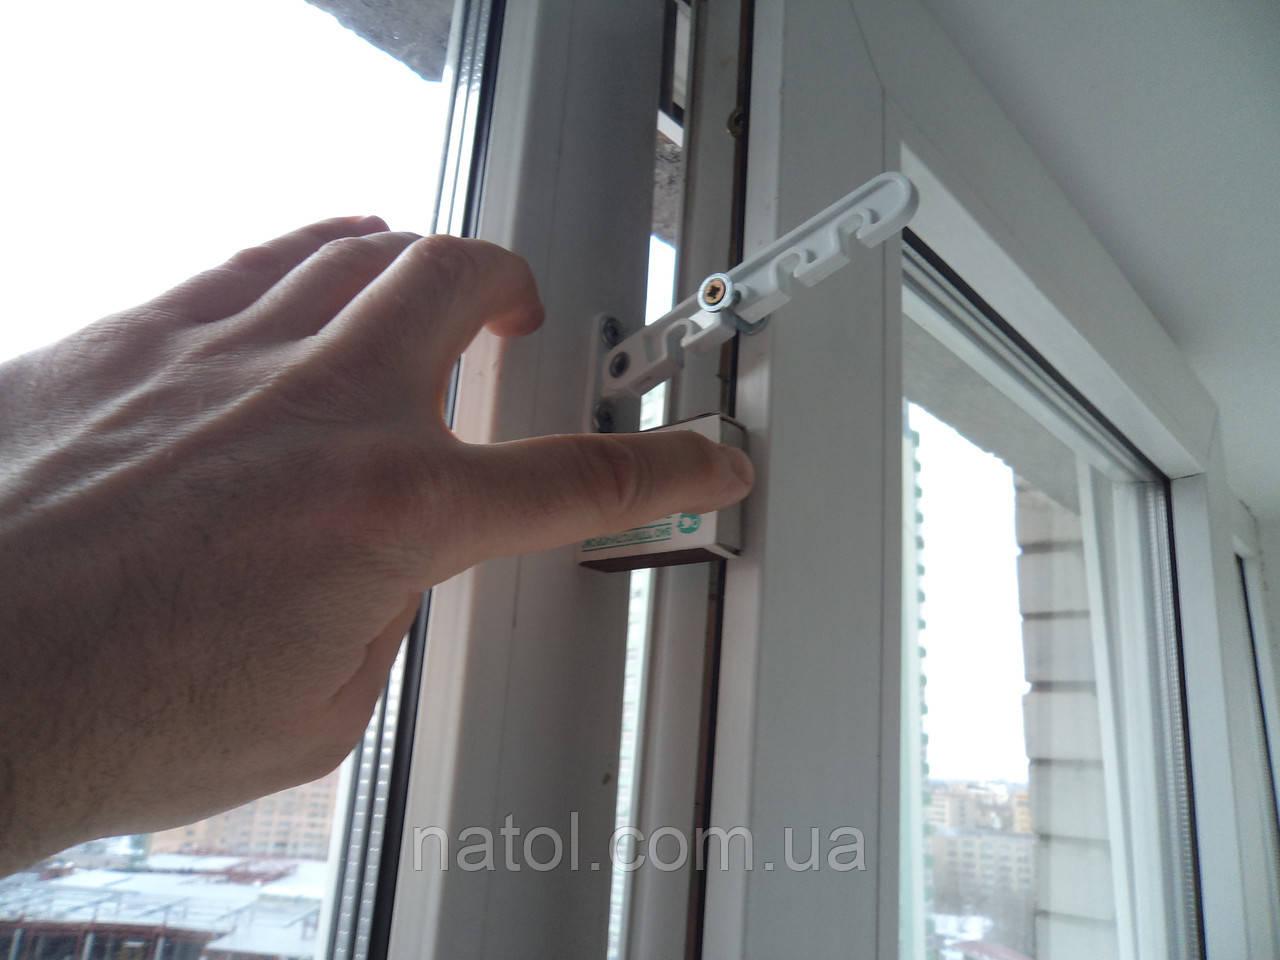 Ремонт и регулировка окон - кемерово - строительные услуги.